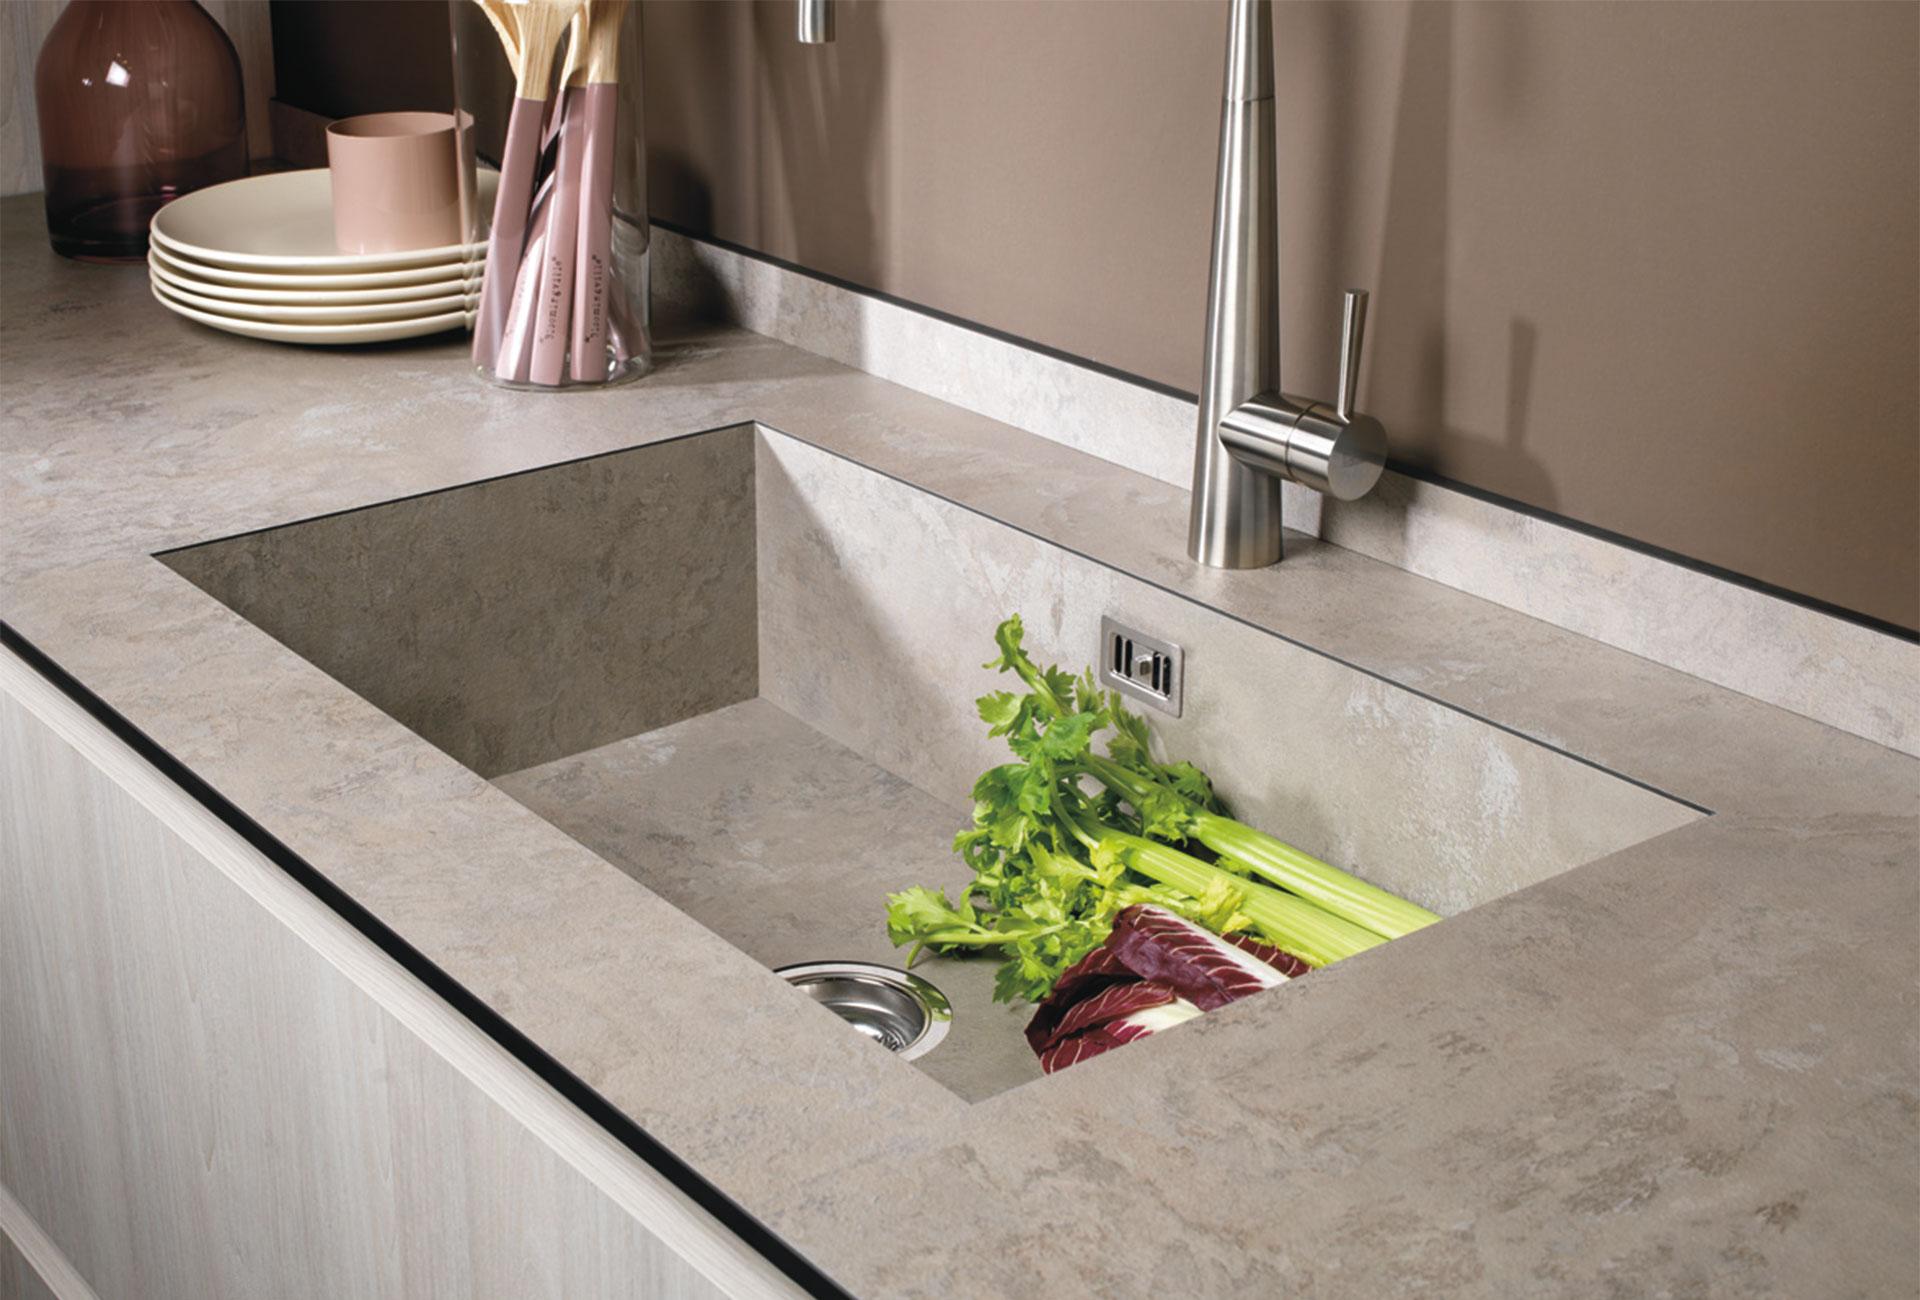 Lavelli integrato al top - Cucine LUBE